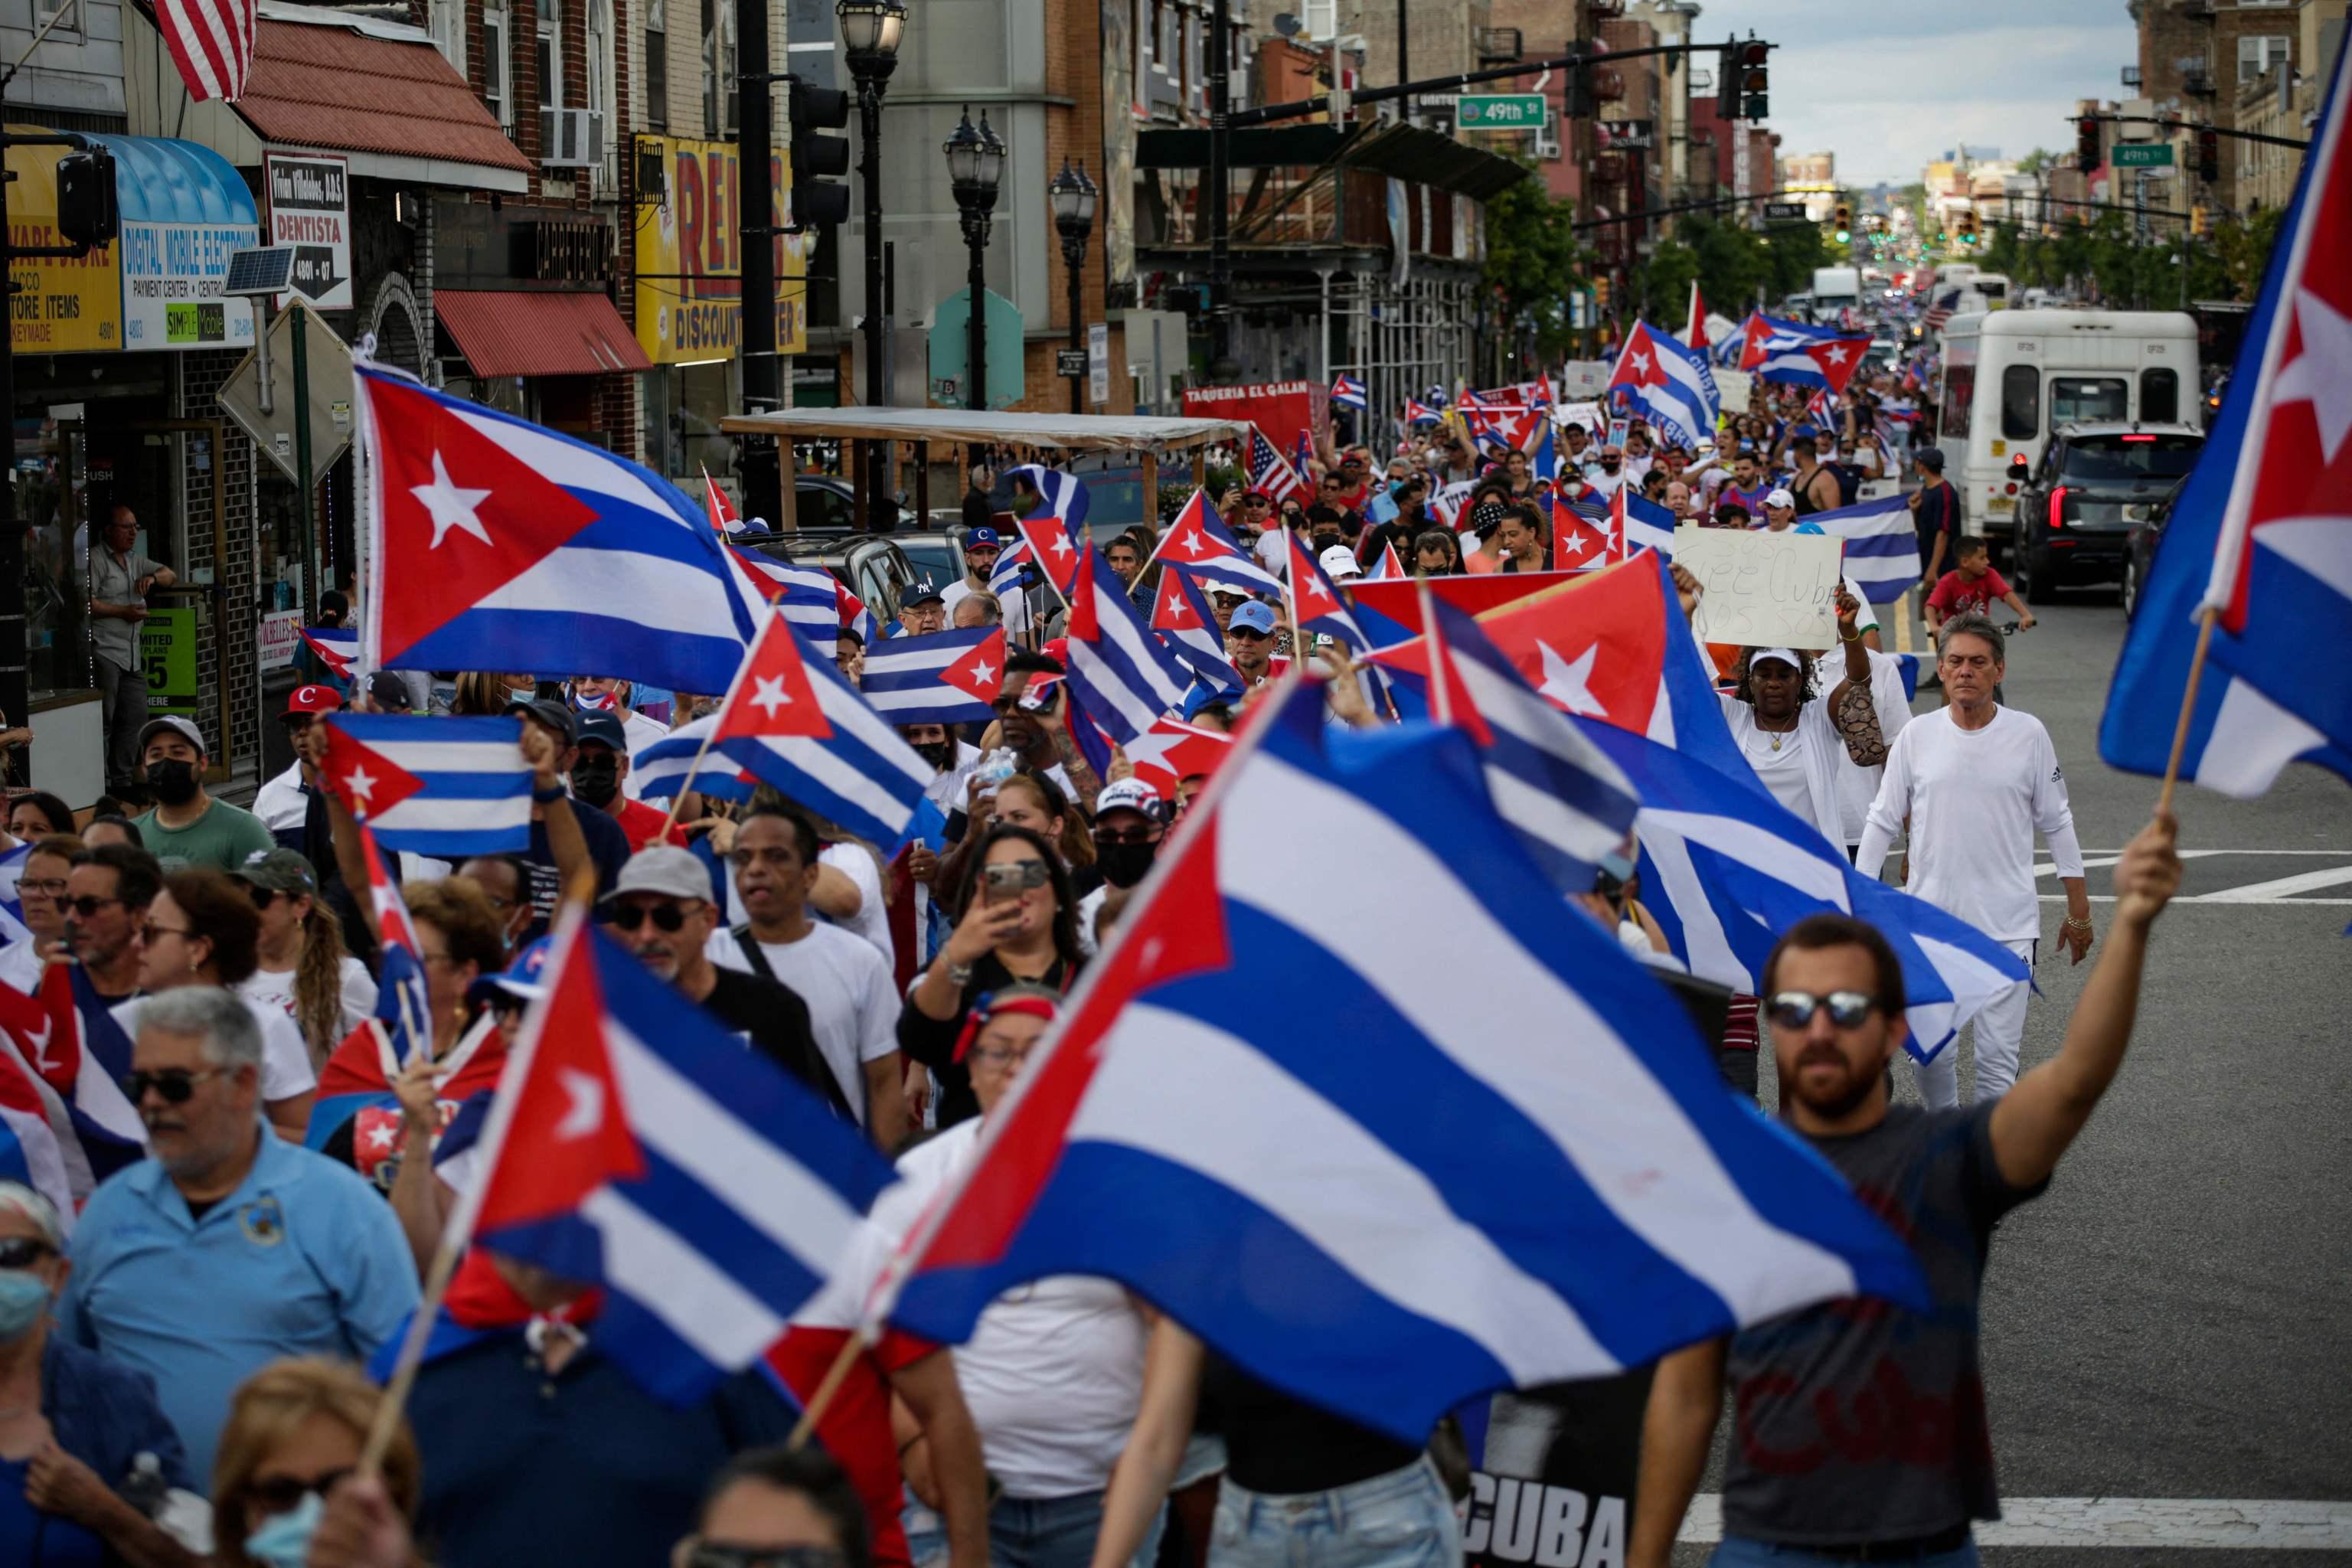 Ondeamiento de banderas cubanas en apoyo a las protestas, en Nueva Jersey.